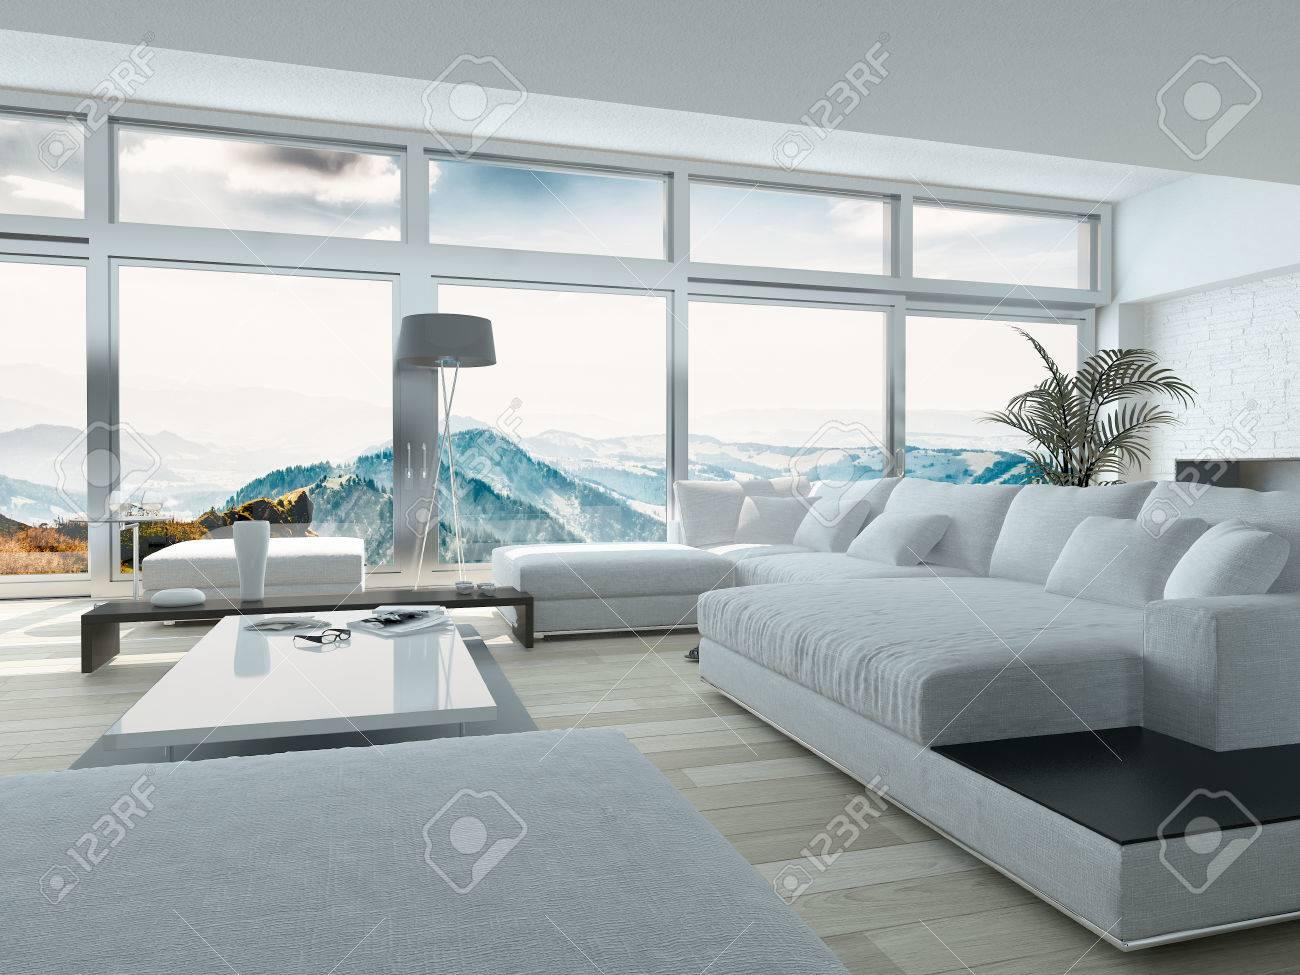 Elegantes Wohnzimmer-Design Mit Weißen Möbeln, Innenarchitektur ...